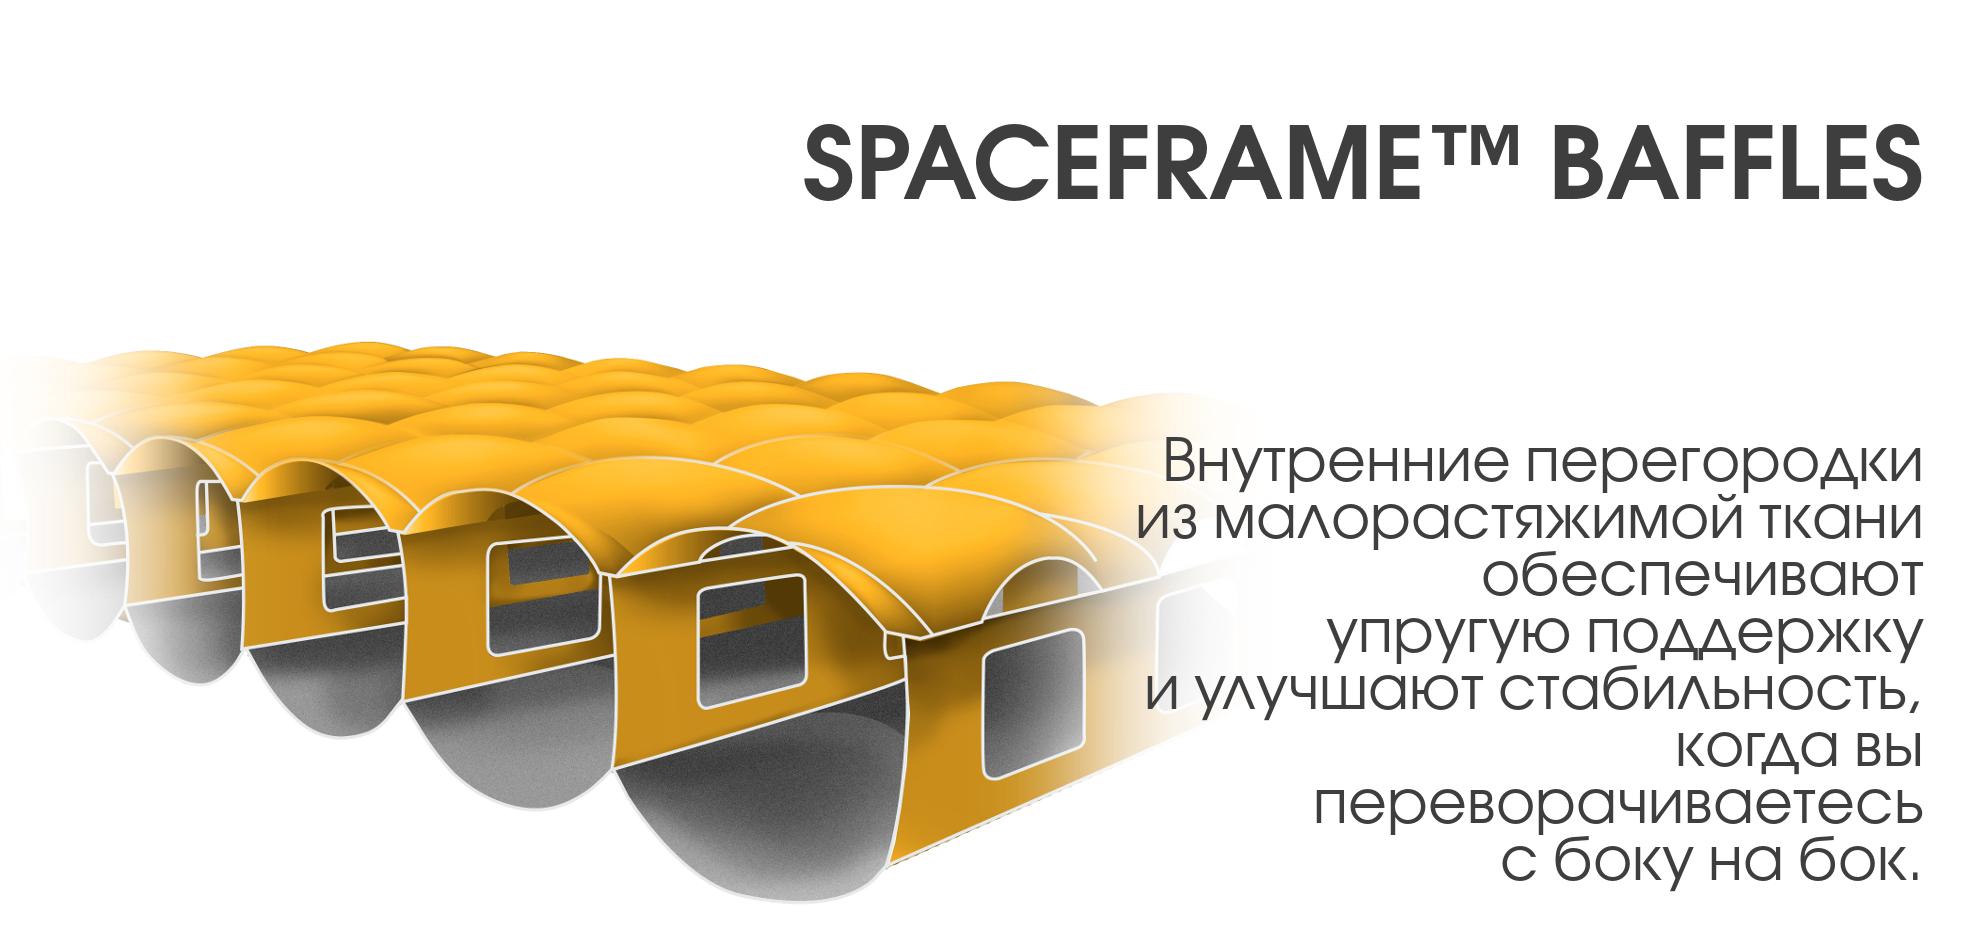 NEMO Spaceframe Baffles